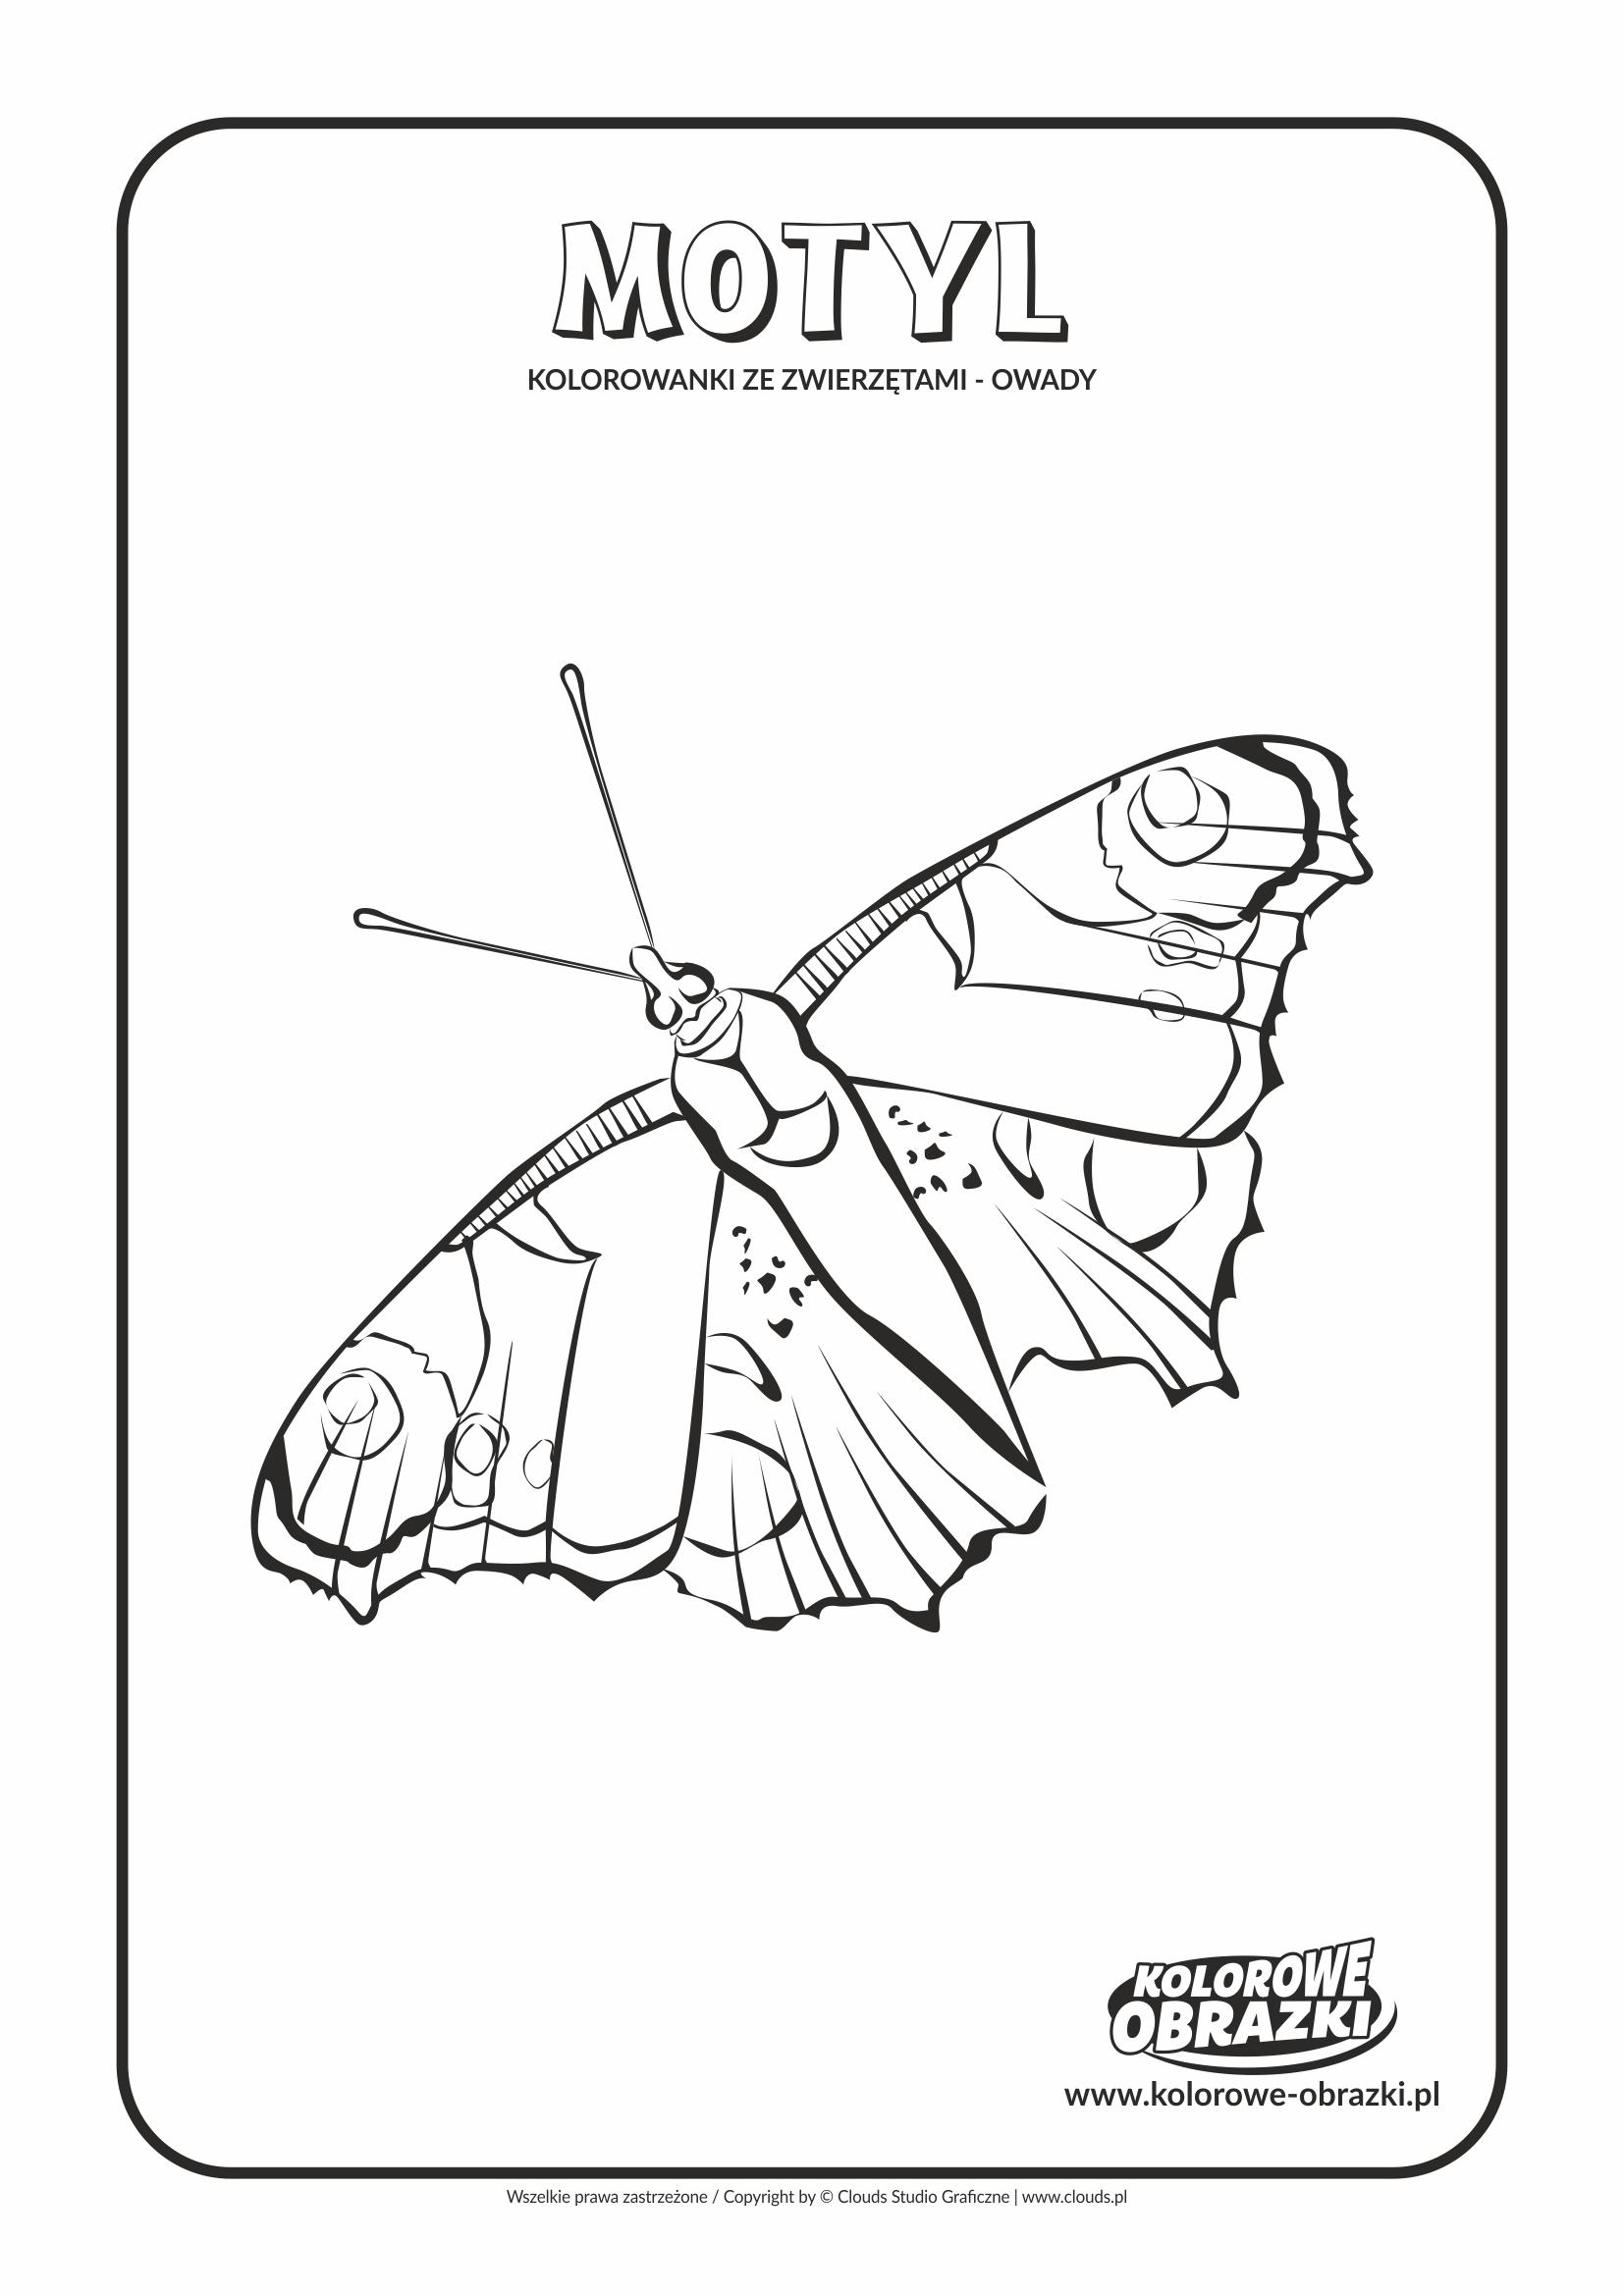 Kolorowanki dla dzieci - Zwierzęta / MOtyl. Kolorowanka z motylem